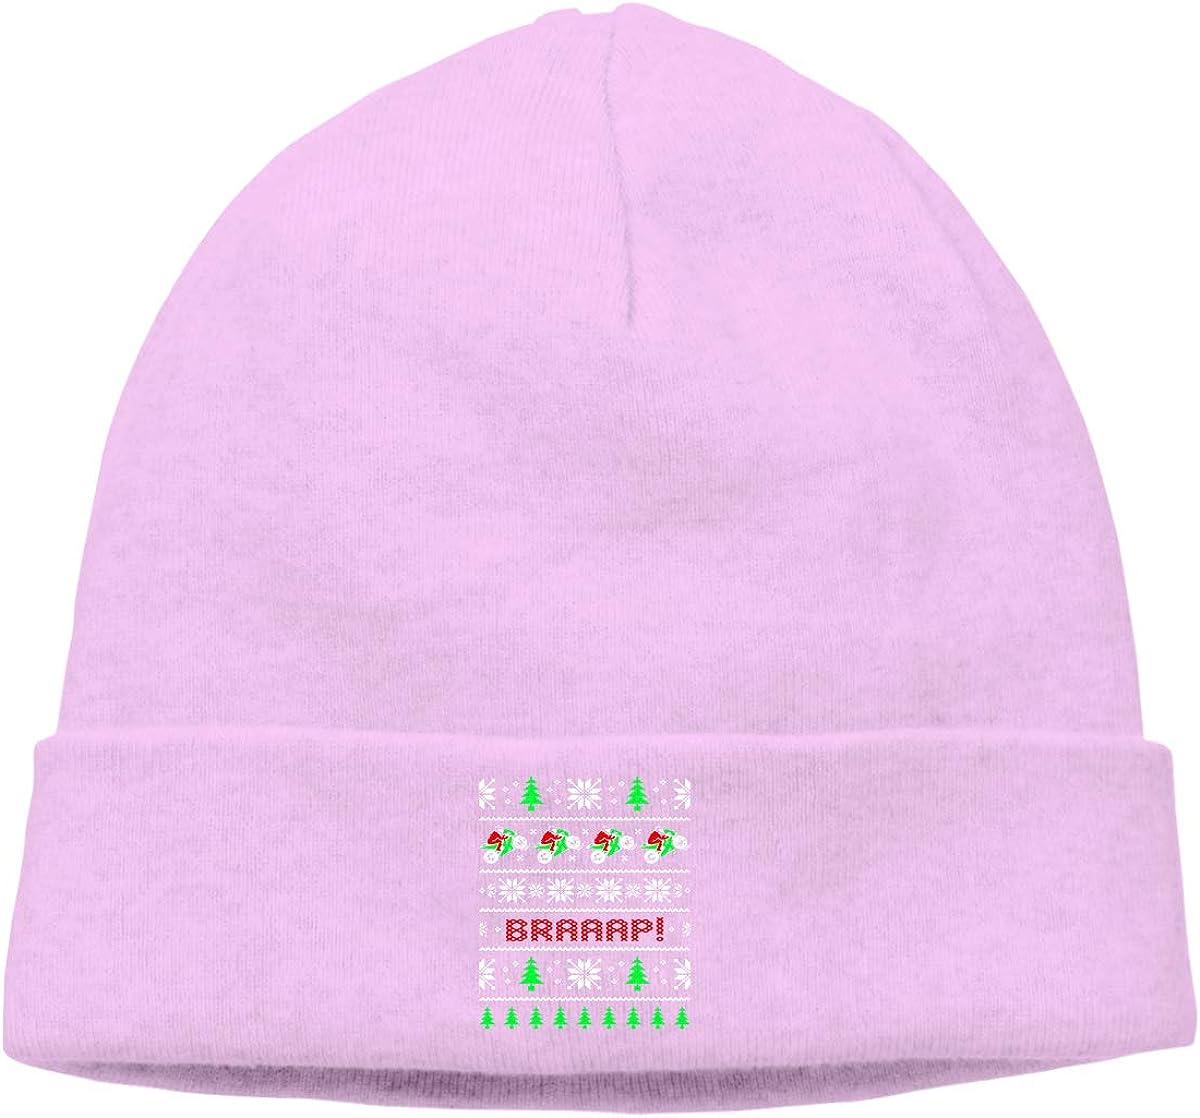 09/&JGJG Braaap Motorcycle Christmas Men /& Women Fleece Beanie Hat Winter Warm Knitting Hats